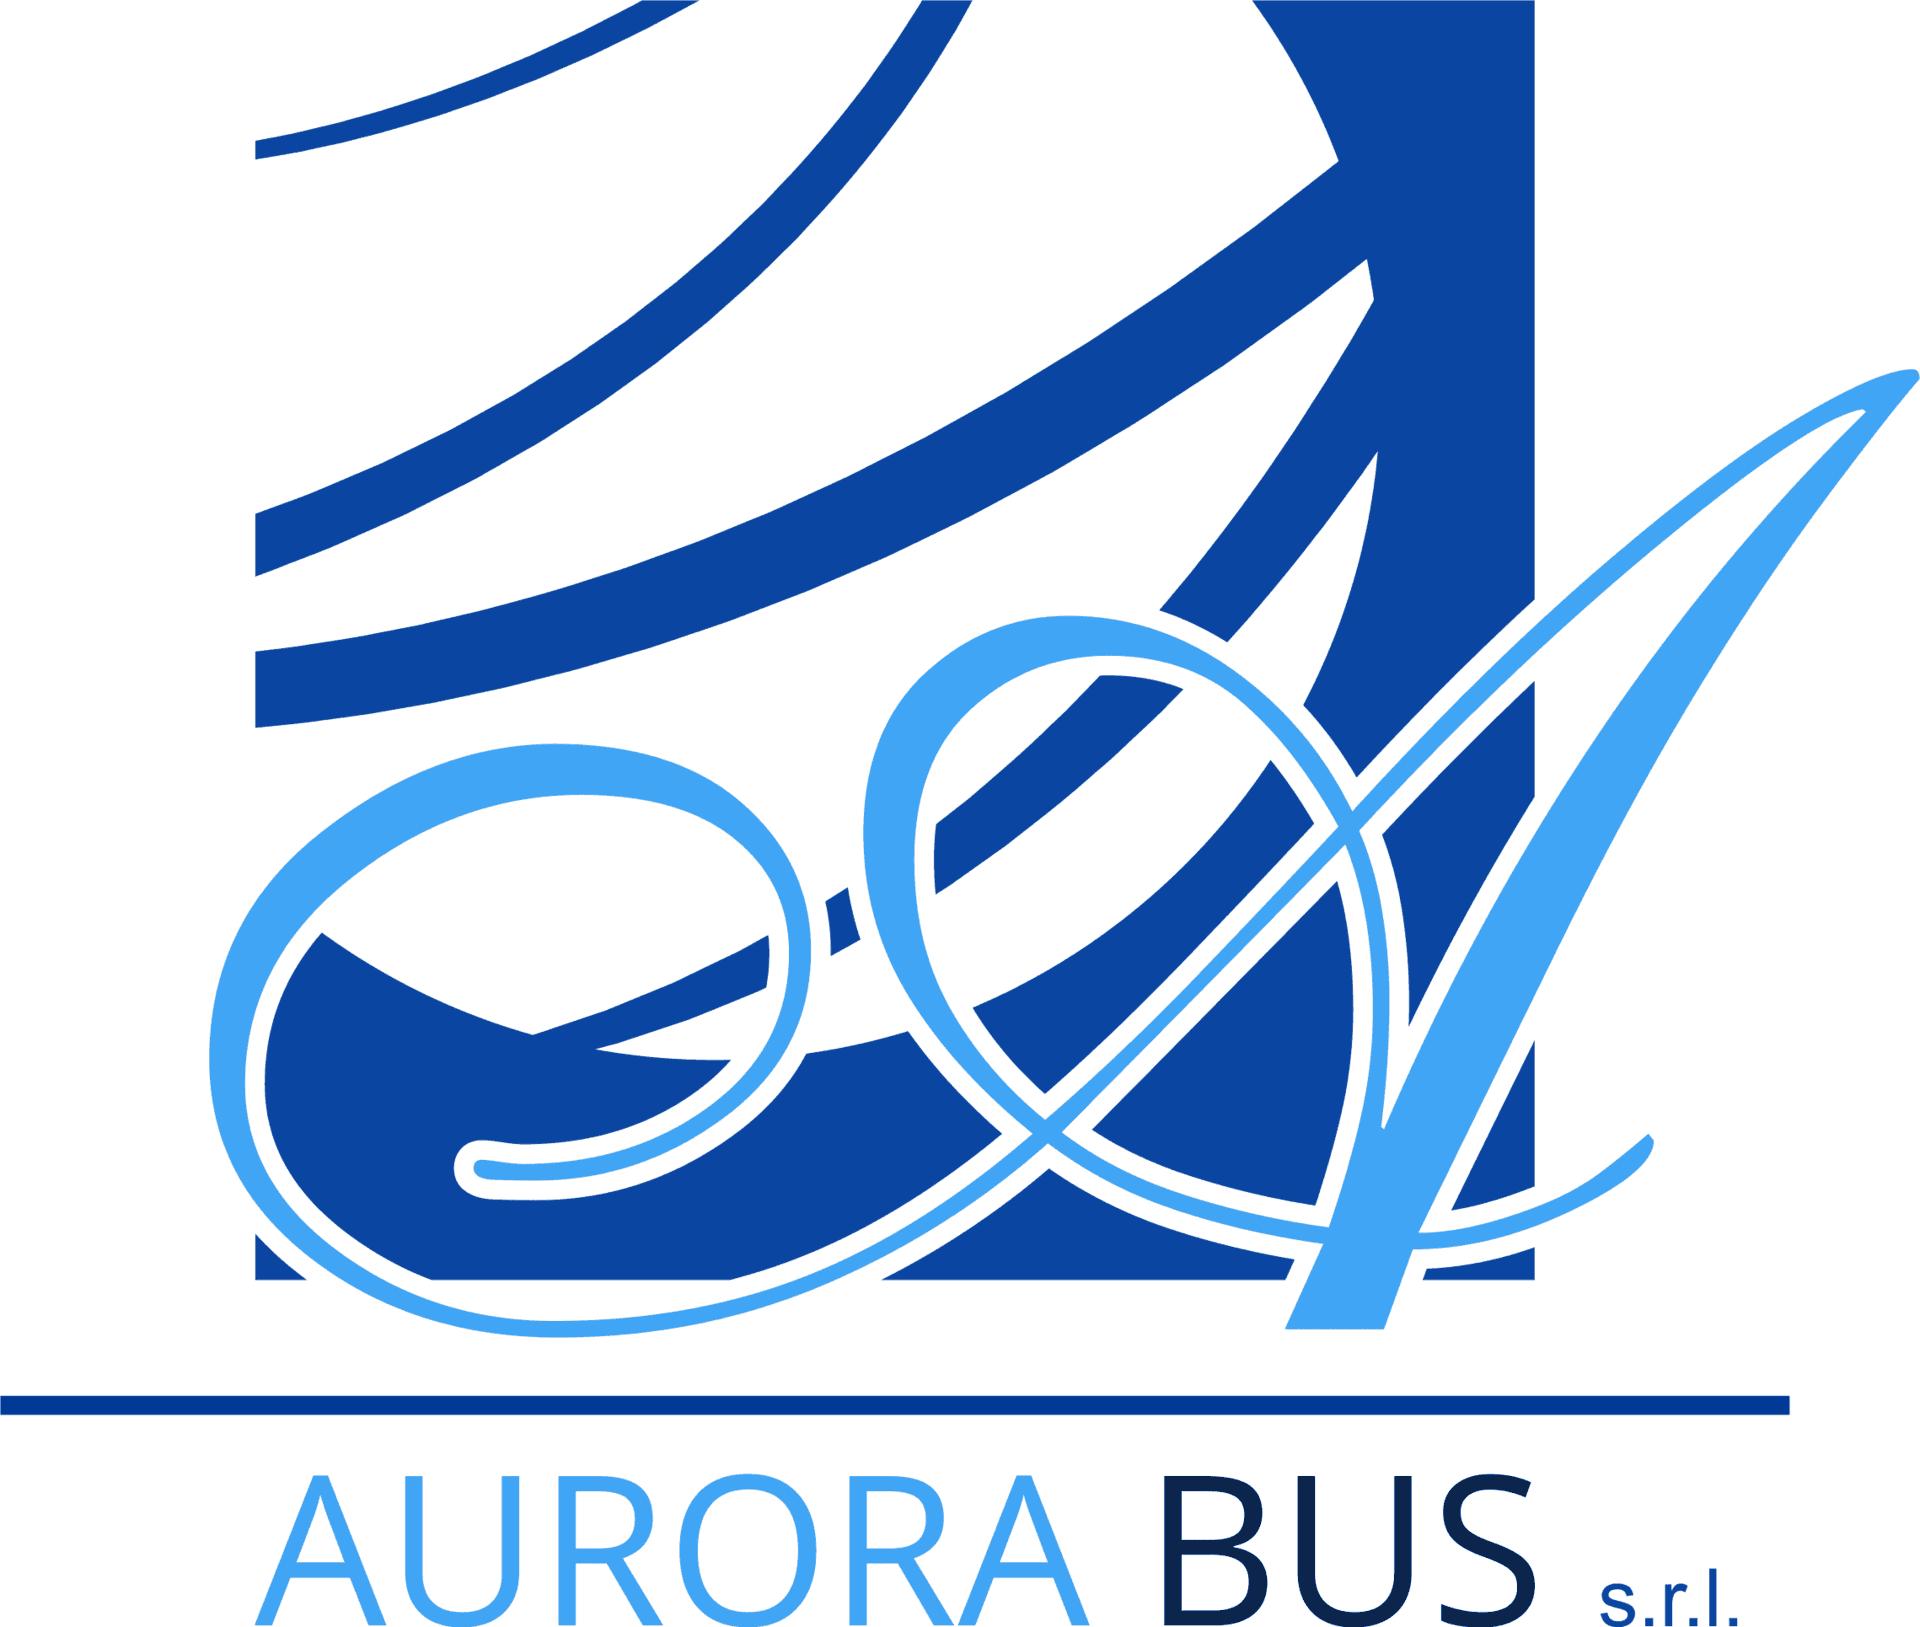 AURORA BUS - LOGO